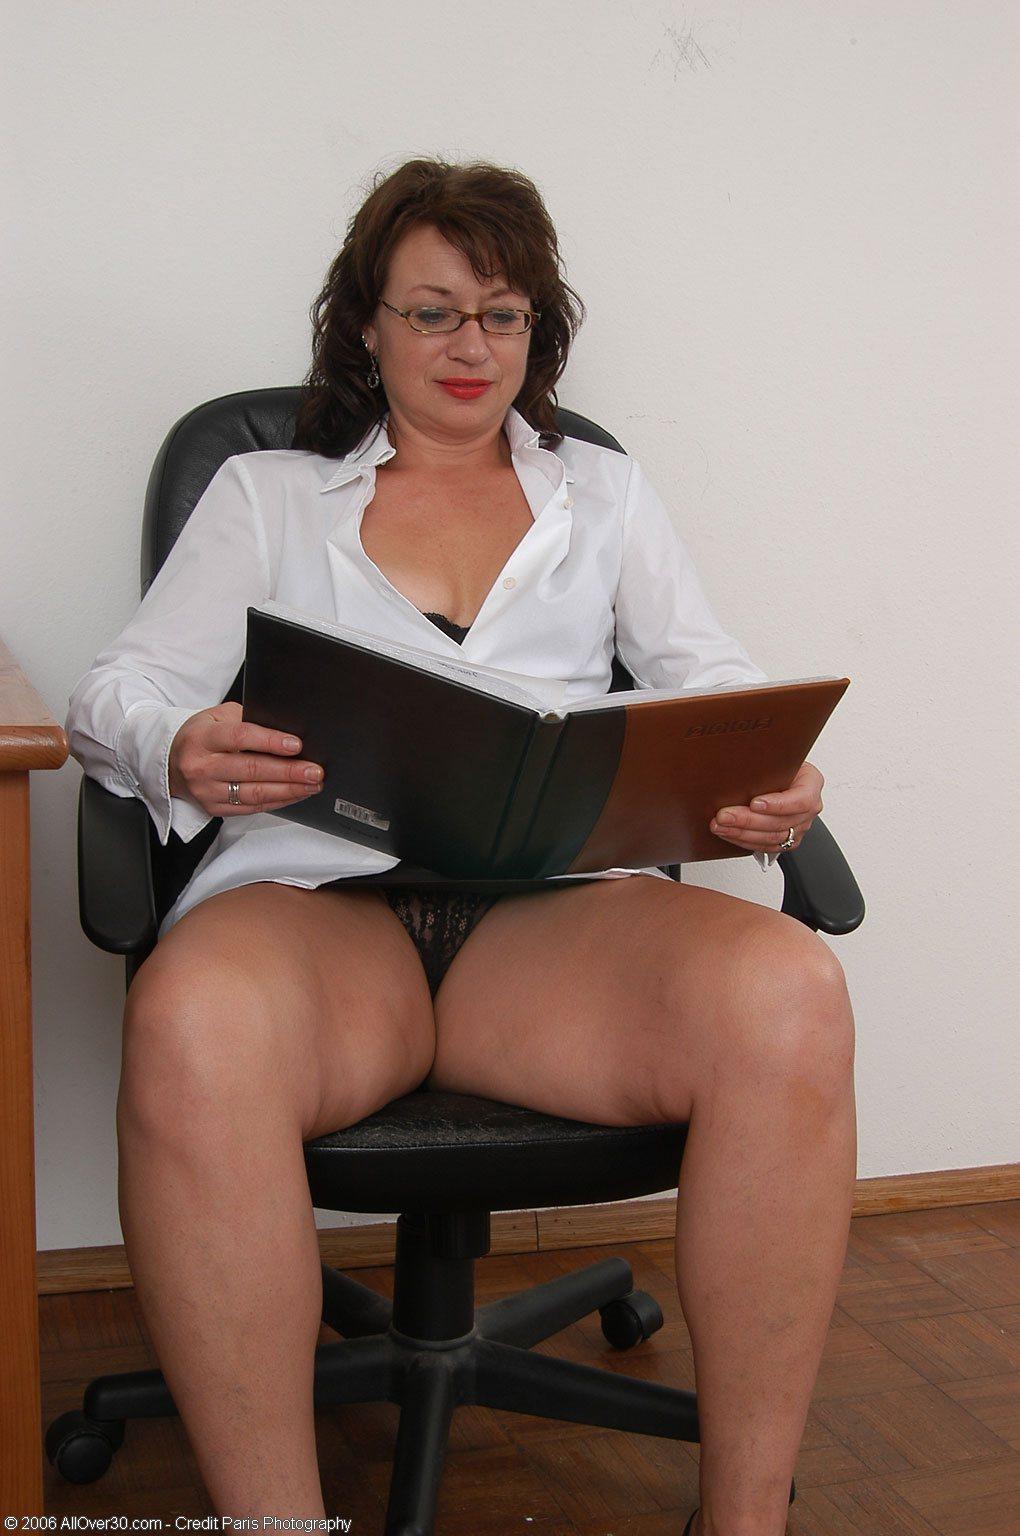 очень хороший старая женщина голая с большой пиздой и большой жопой готов вам помочь